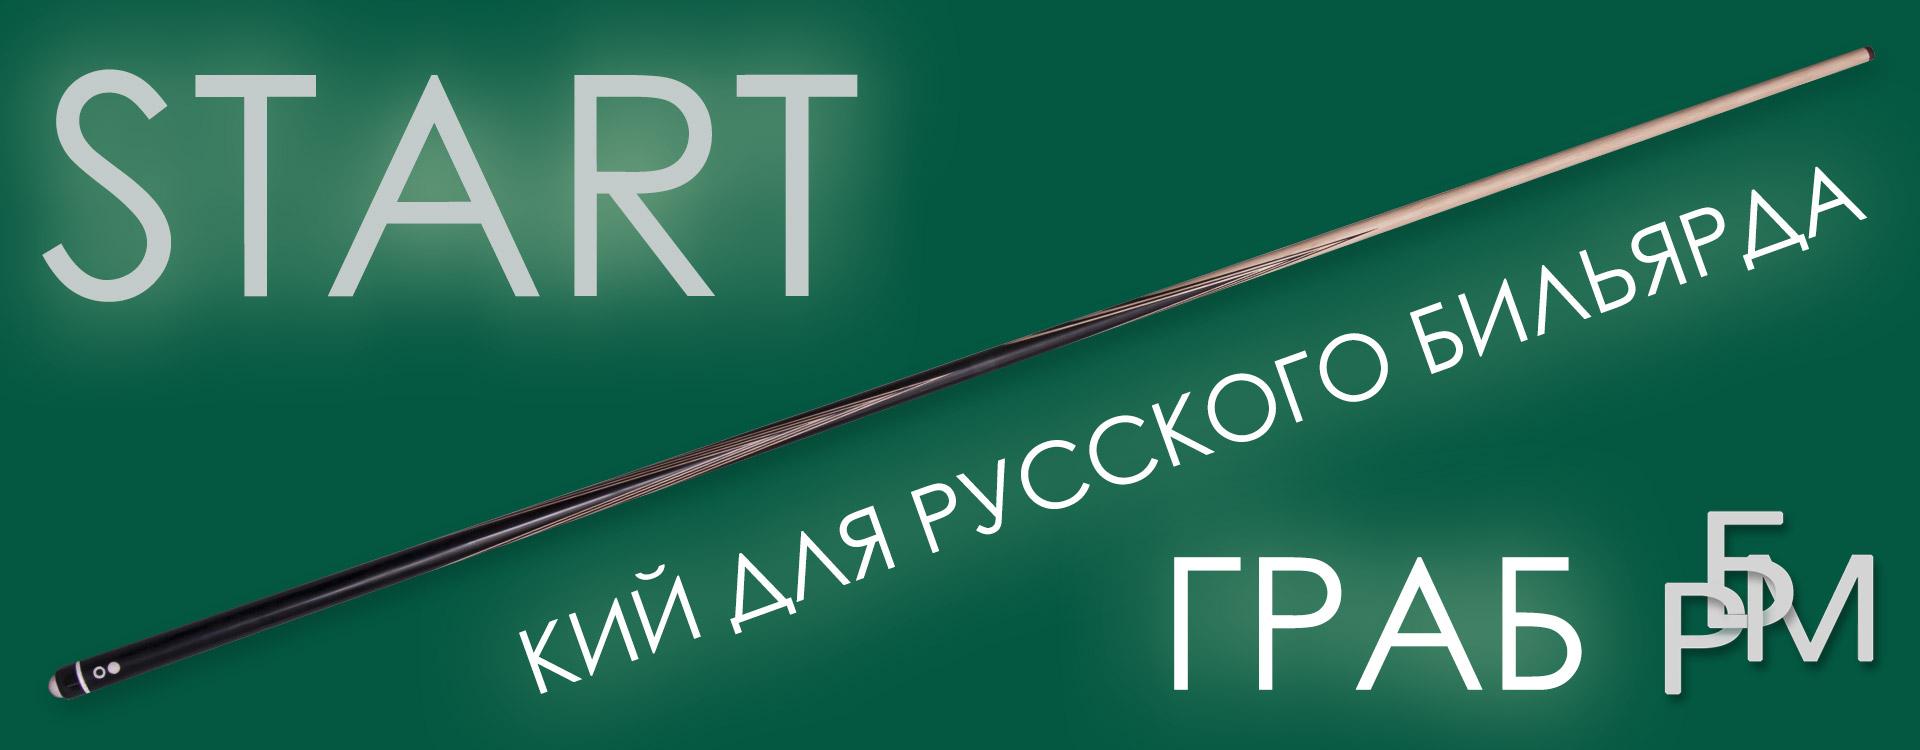 Кий для русского бильярда - START